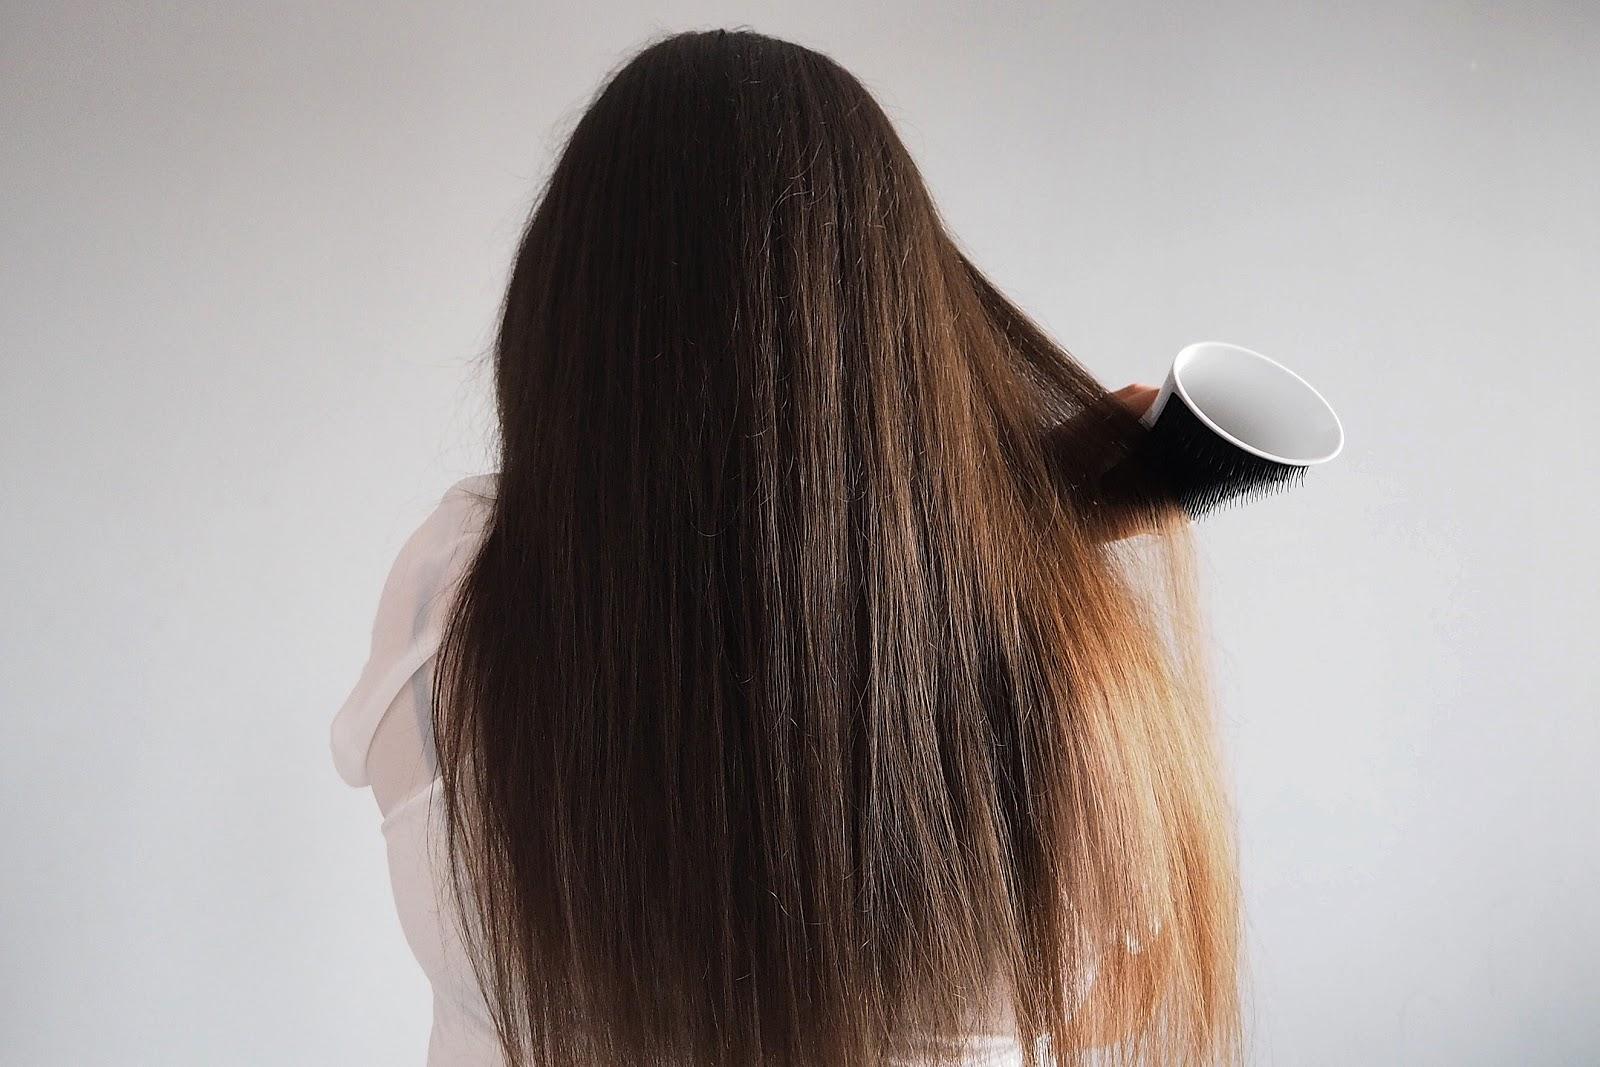 jak ograniczyć wypadanie włosów